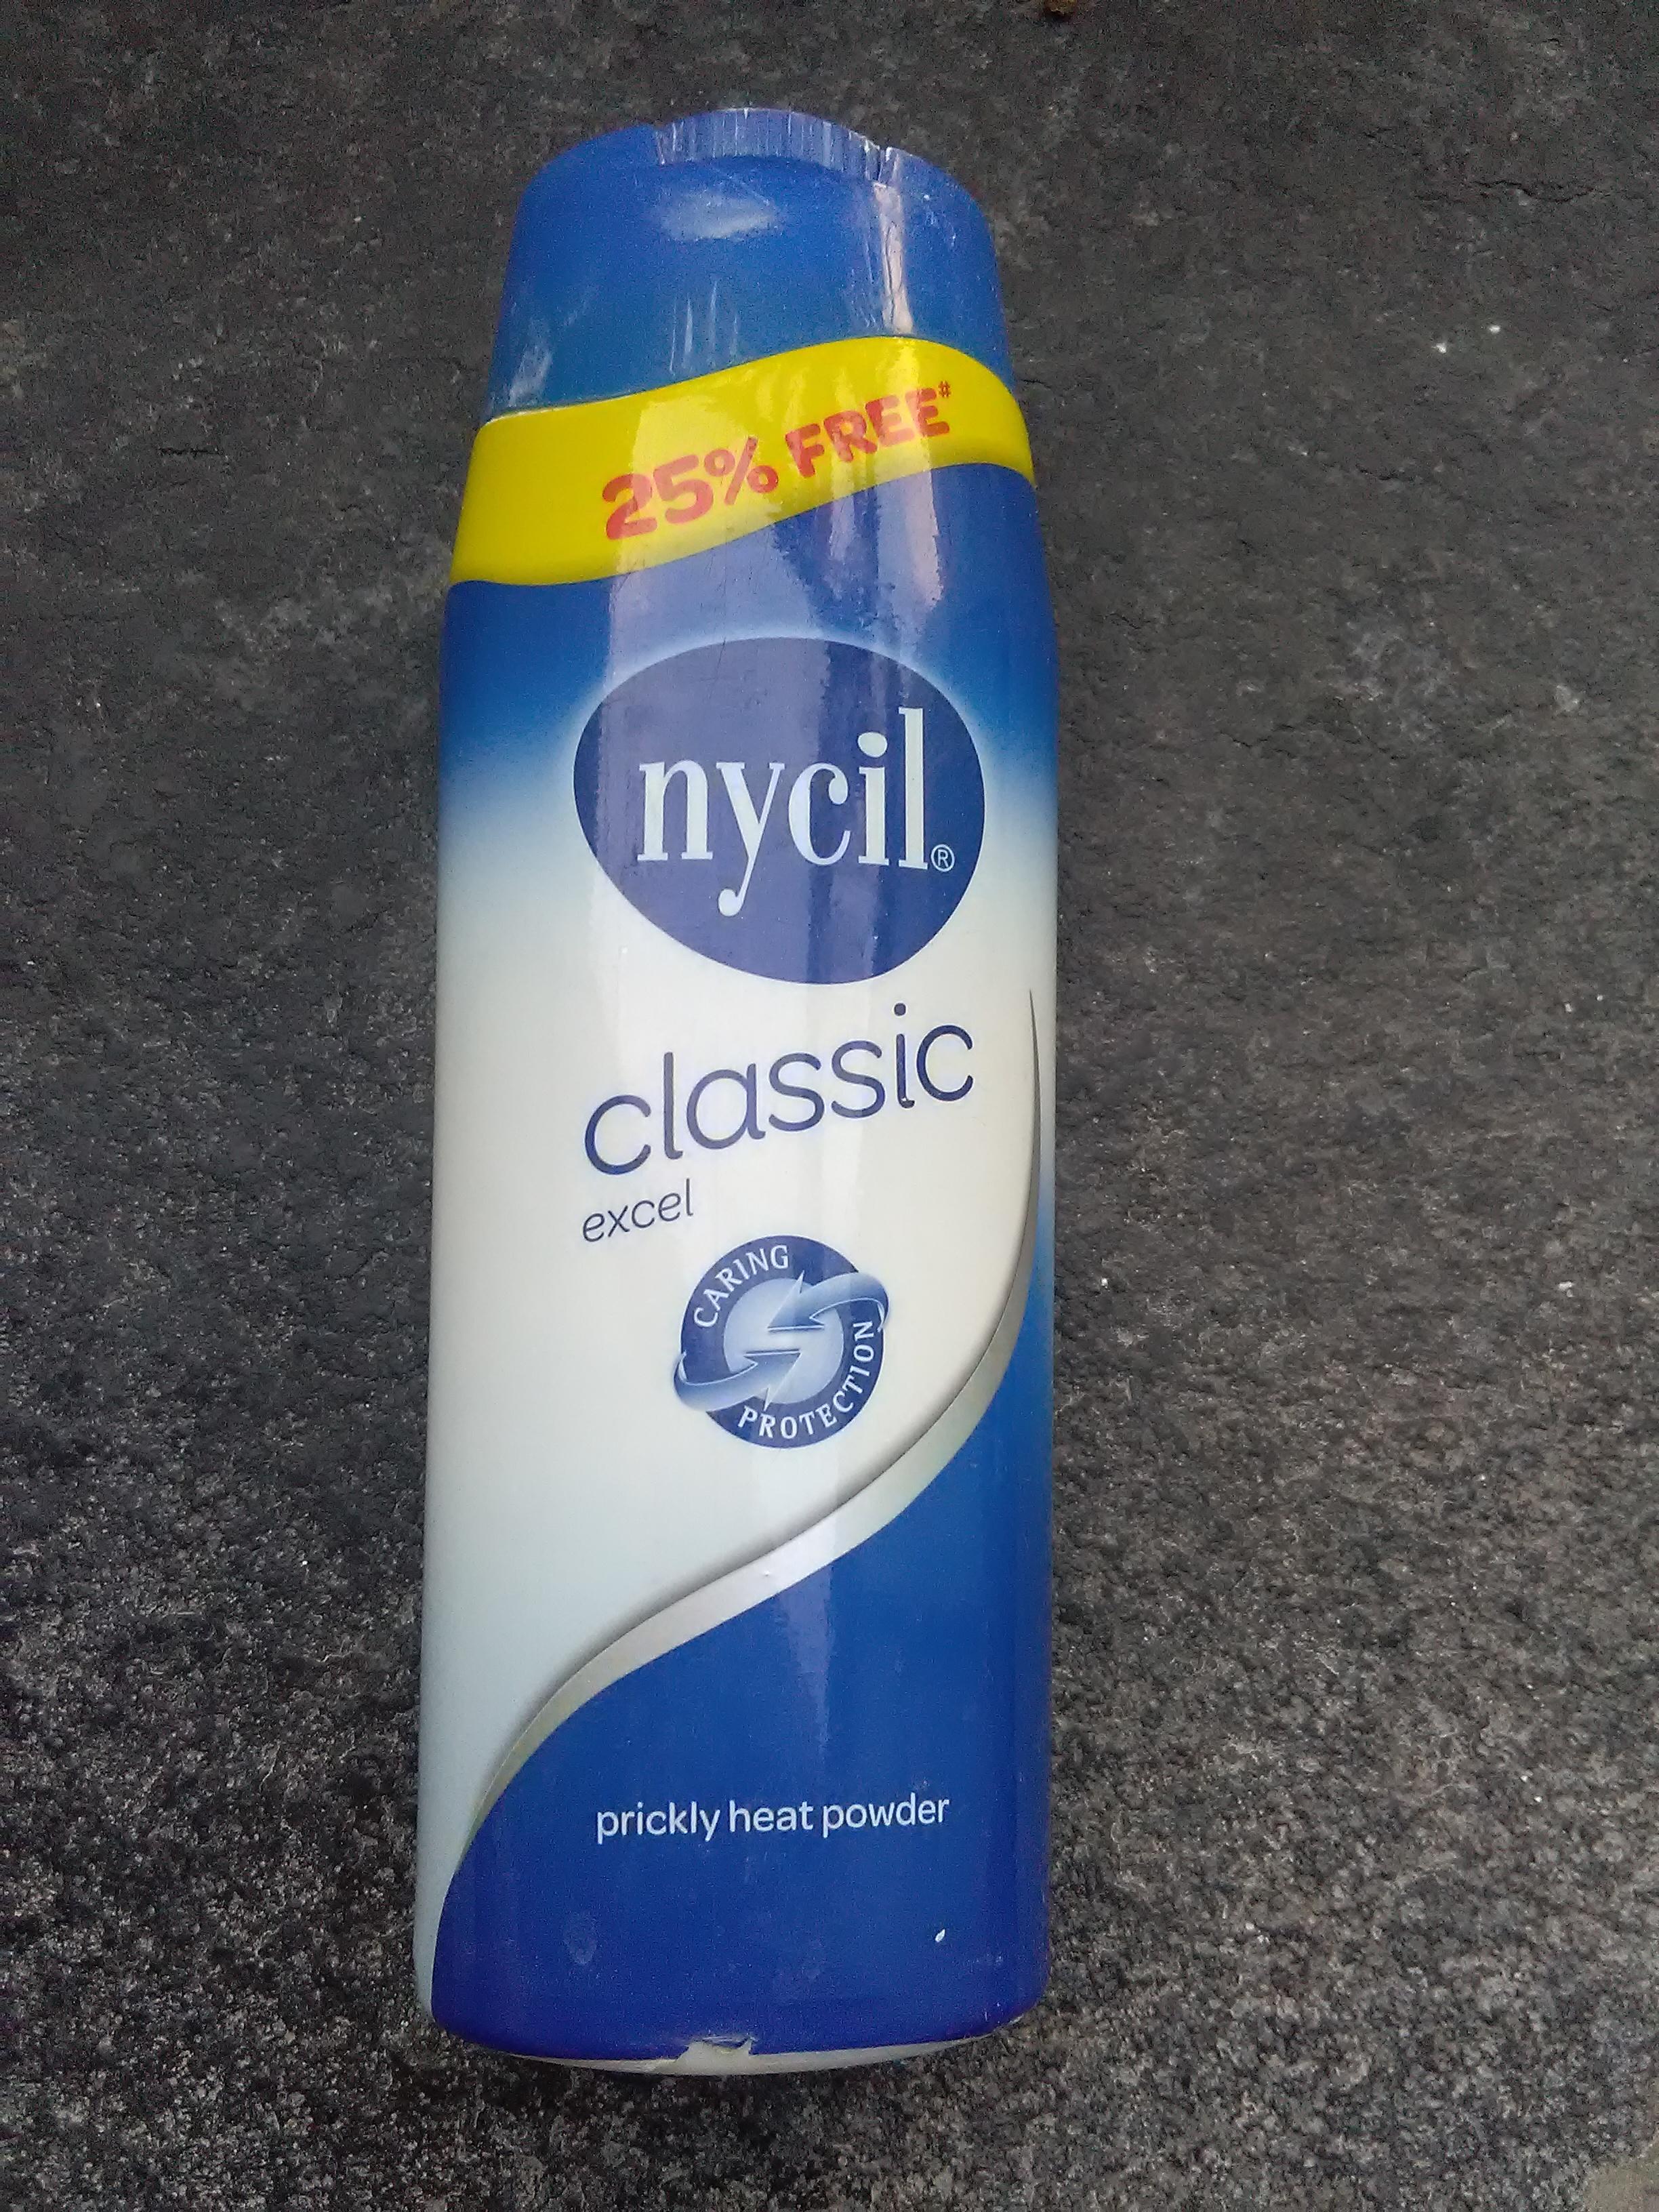 Nycil Talcum Powder Review Nycil Talcum Powder Price